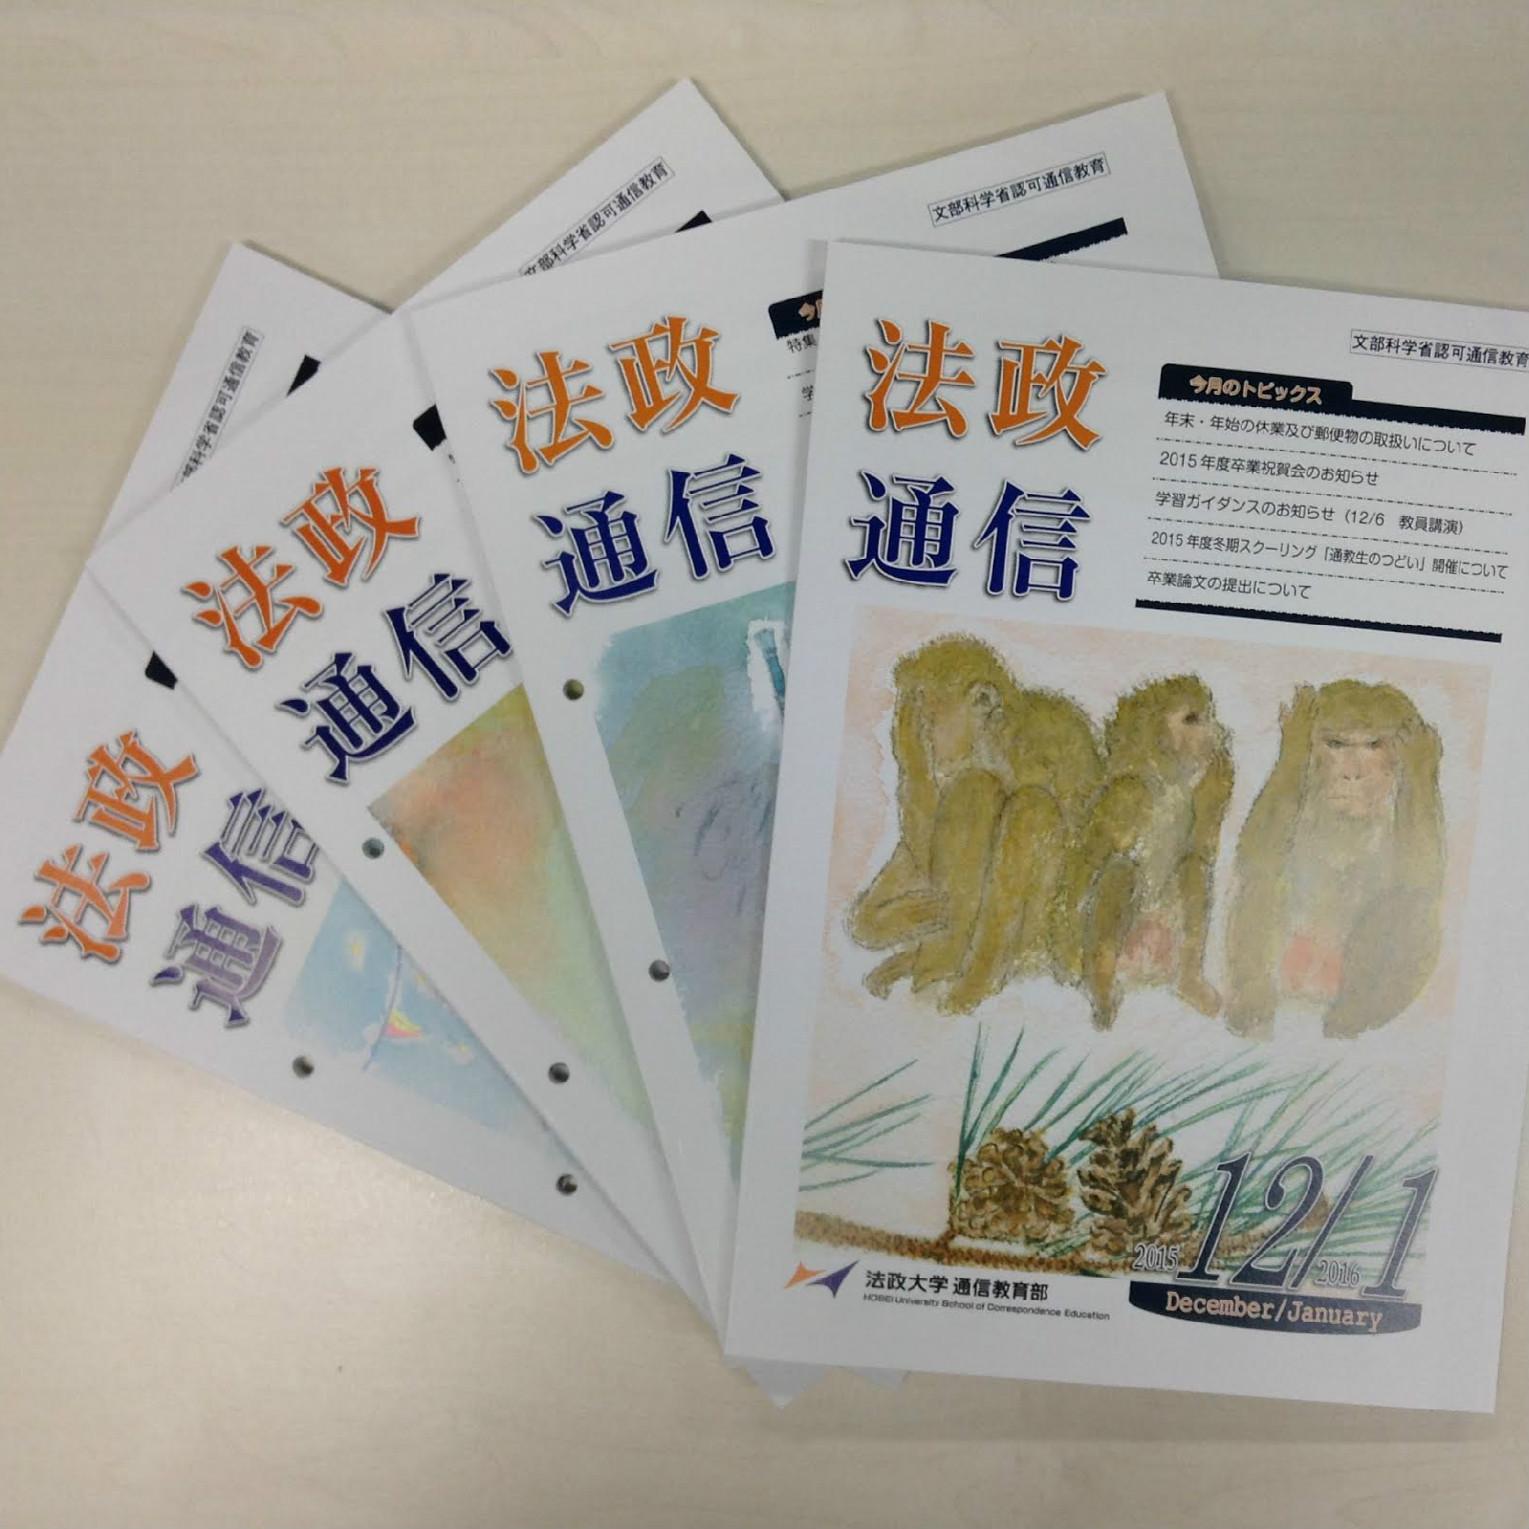 部 部 大学 大学 芸術 教育 短期 大阪 通信